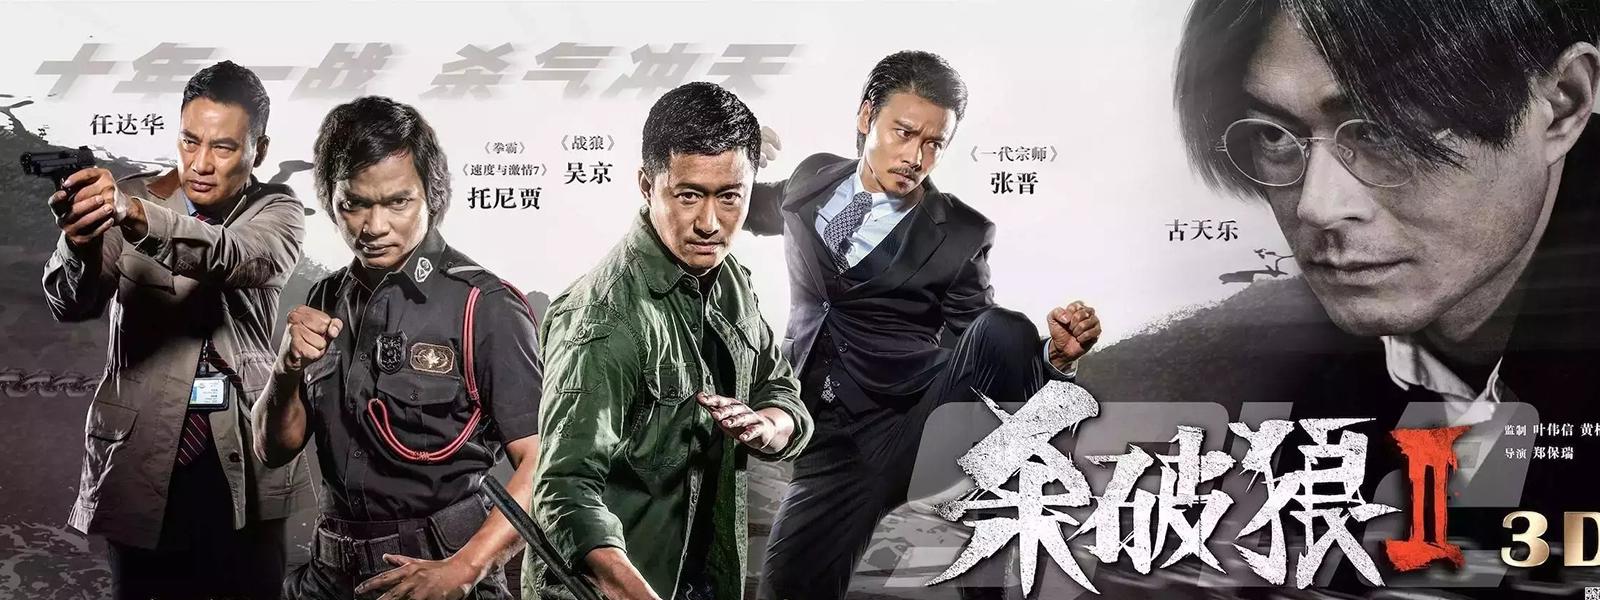 Sát Phá Lang 2 - SPL 2: Rise of Wong Po - 2015